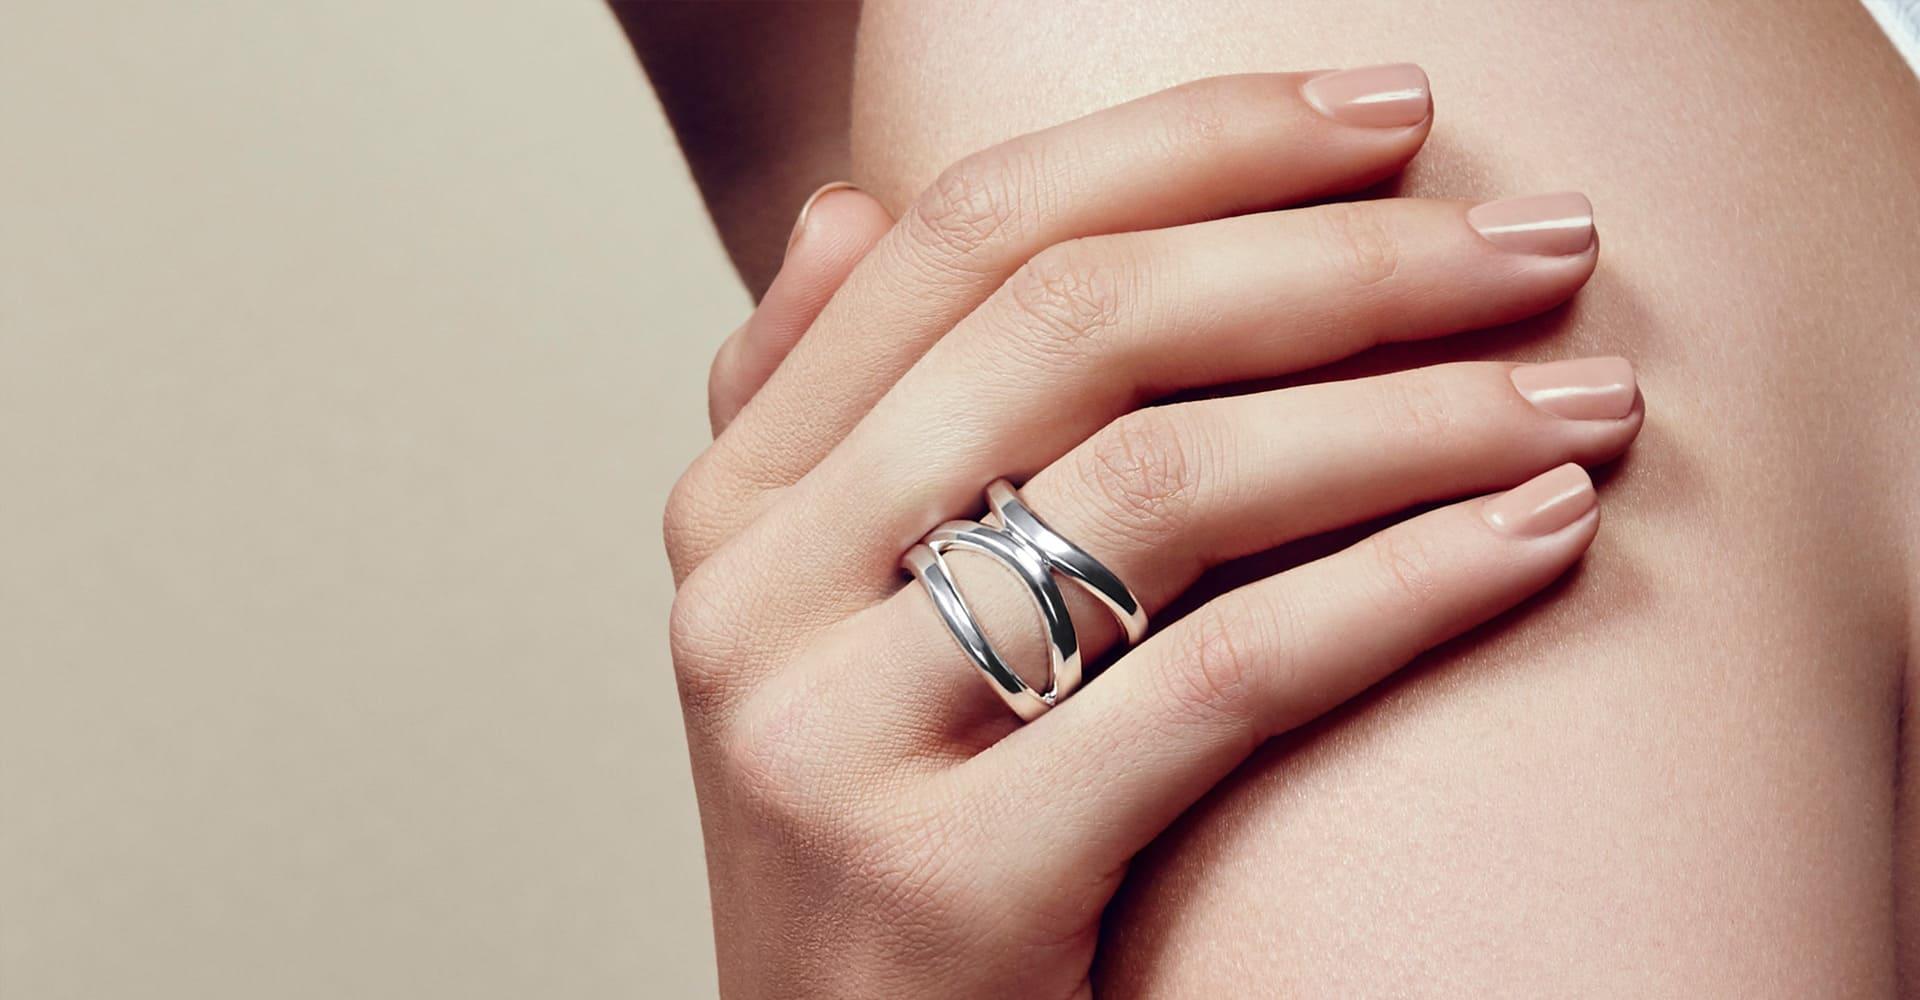 gioielli in argento Christofle shop online confezione regalo